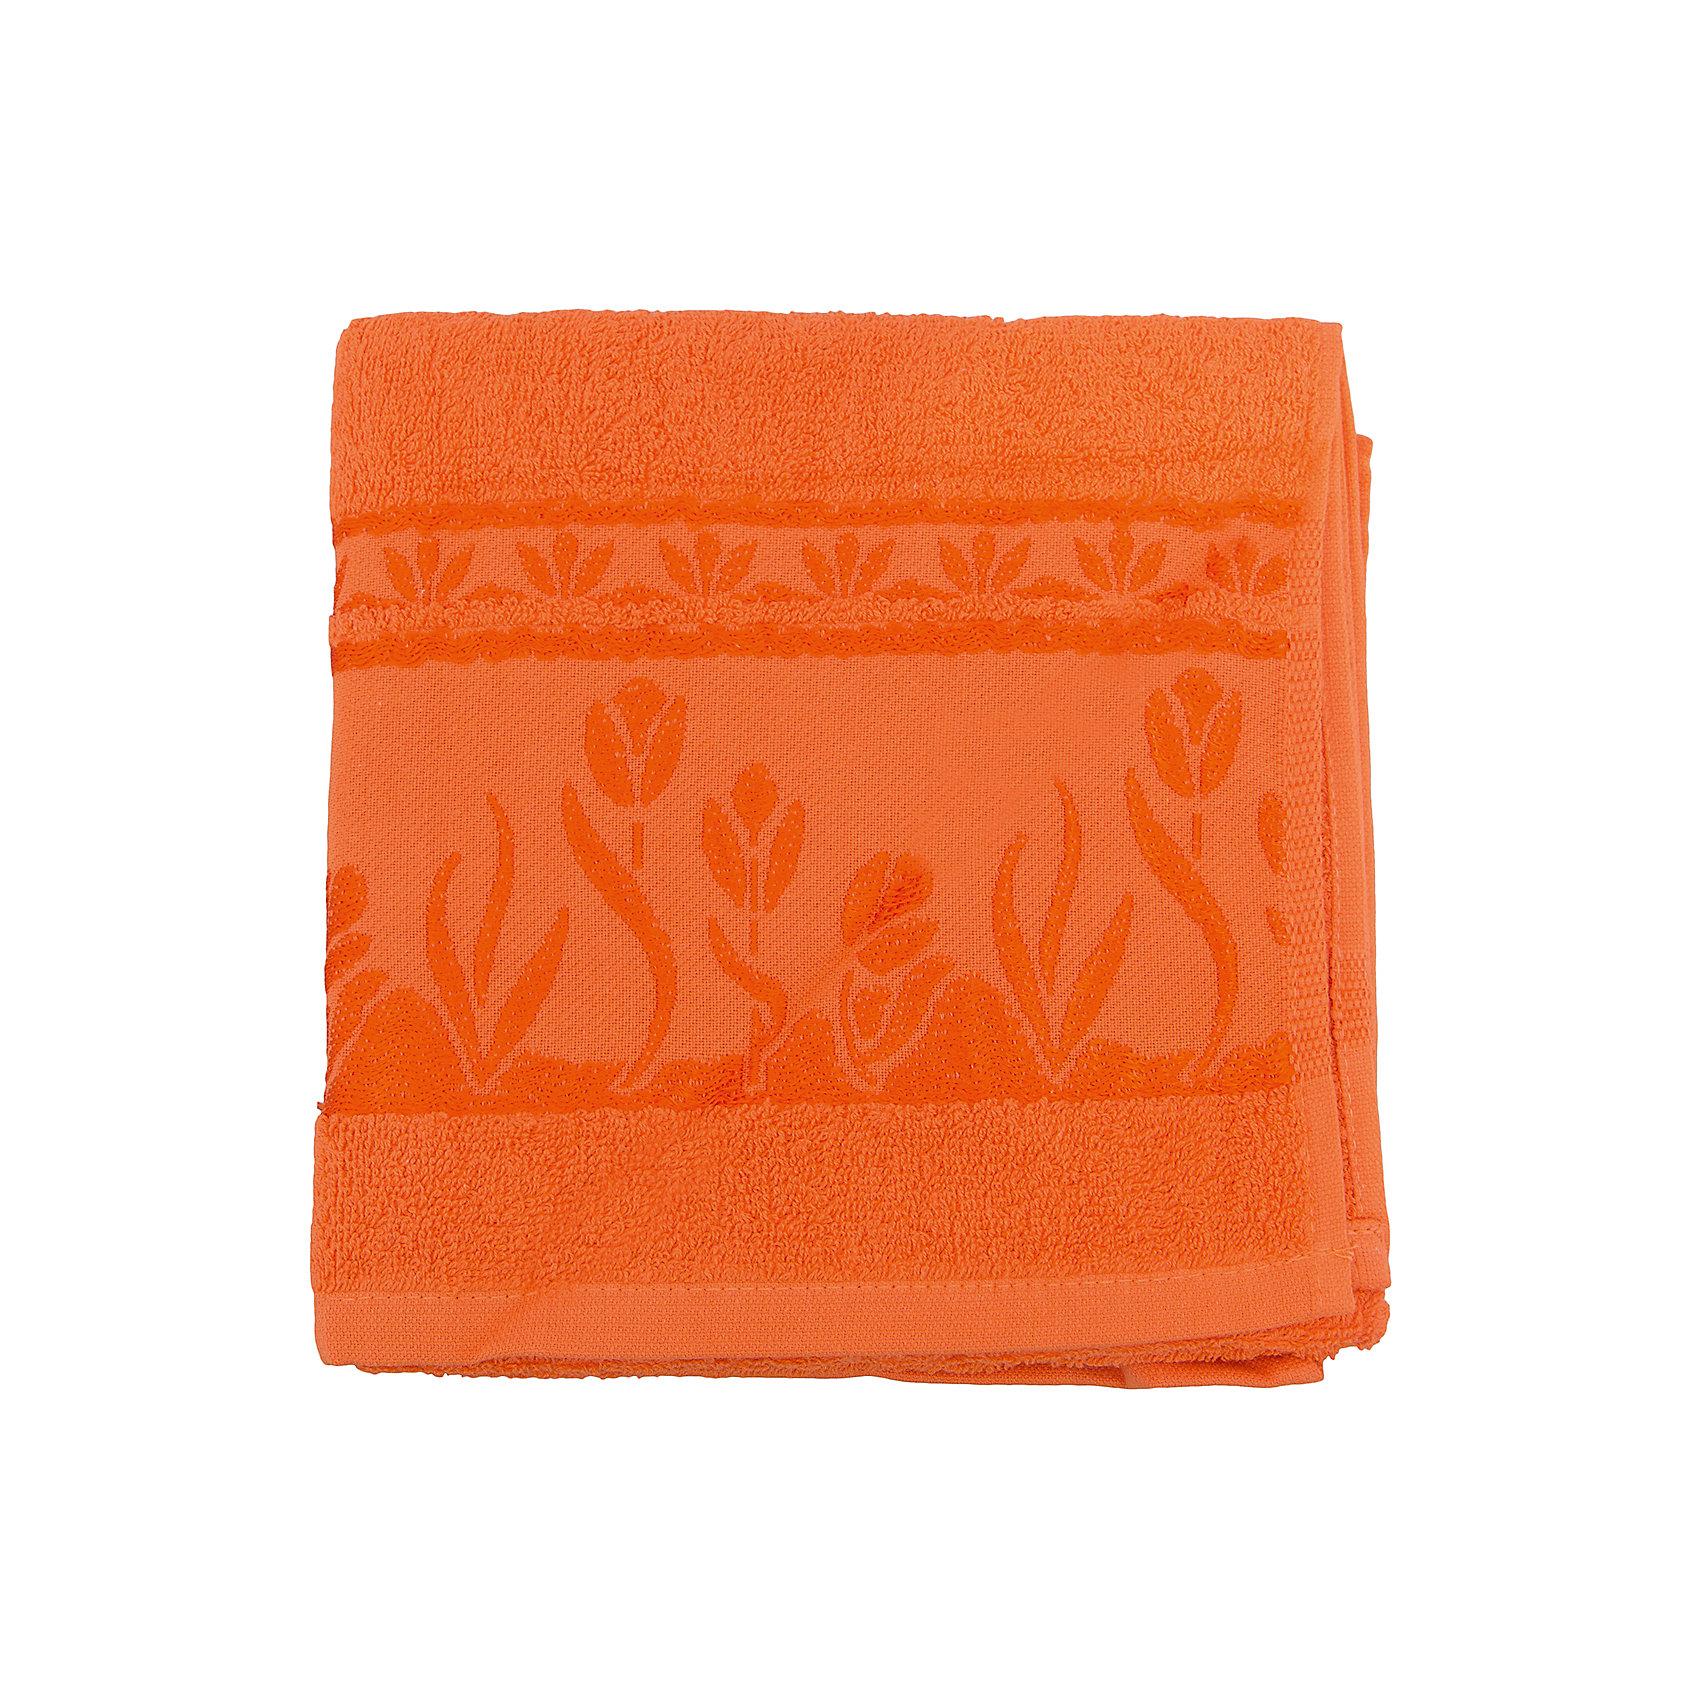 Полотенце махровое Tulips 50*100, Португалия, оранжевый